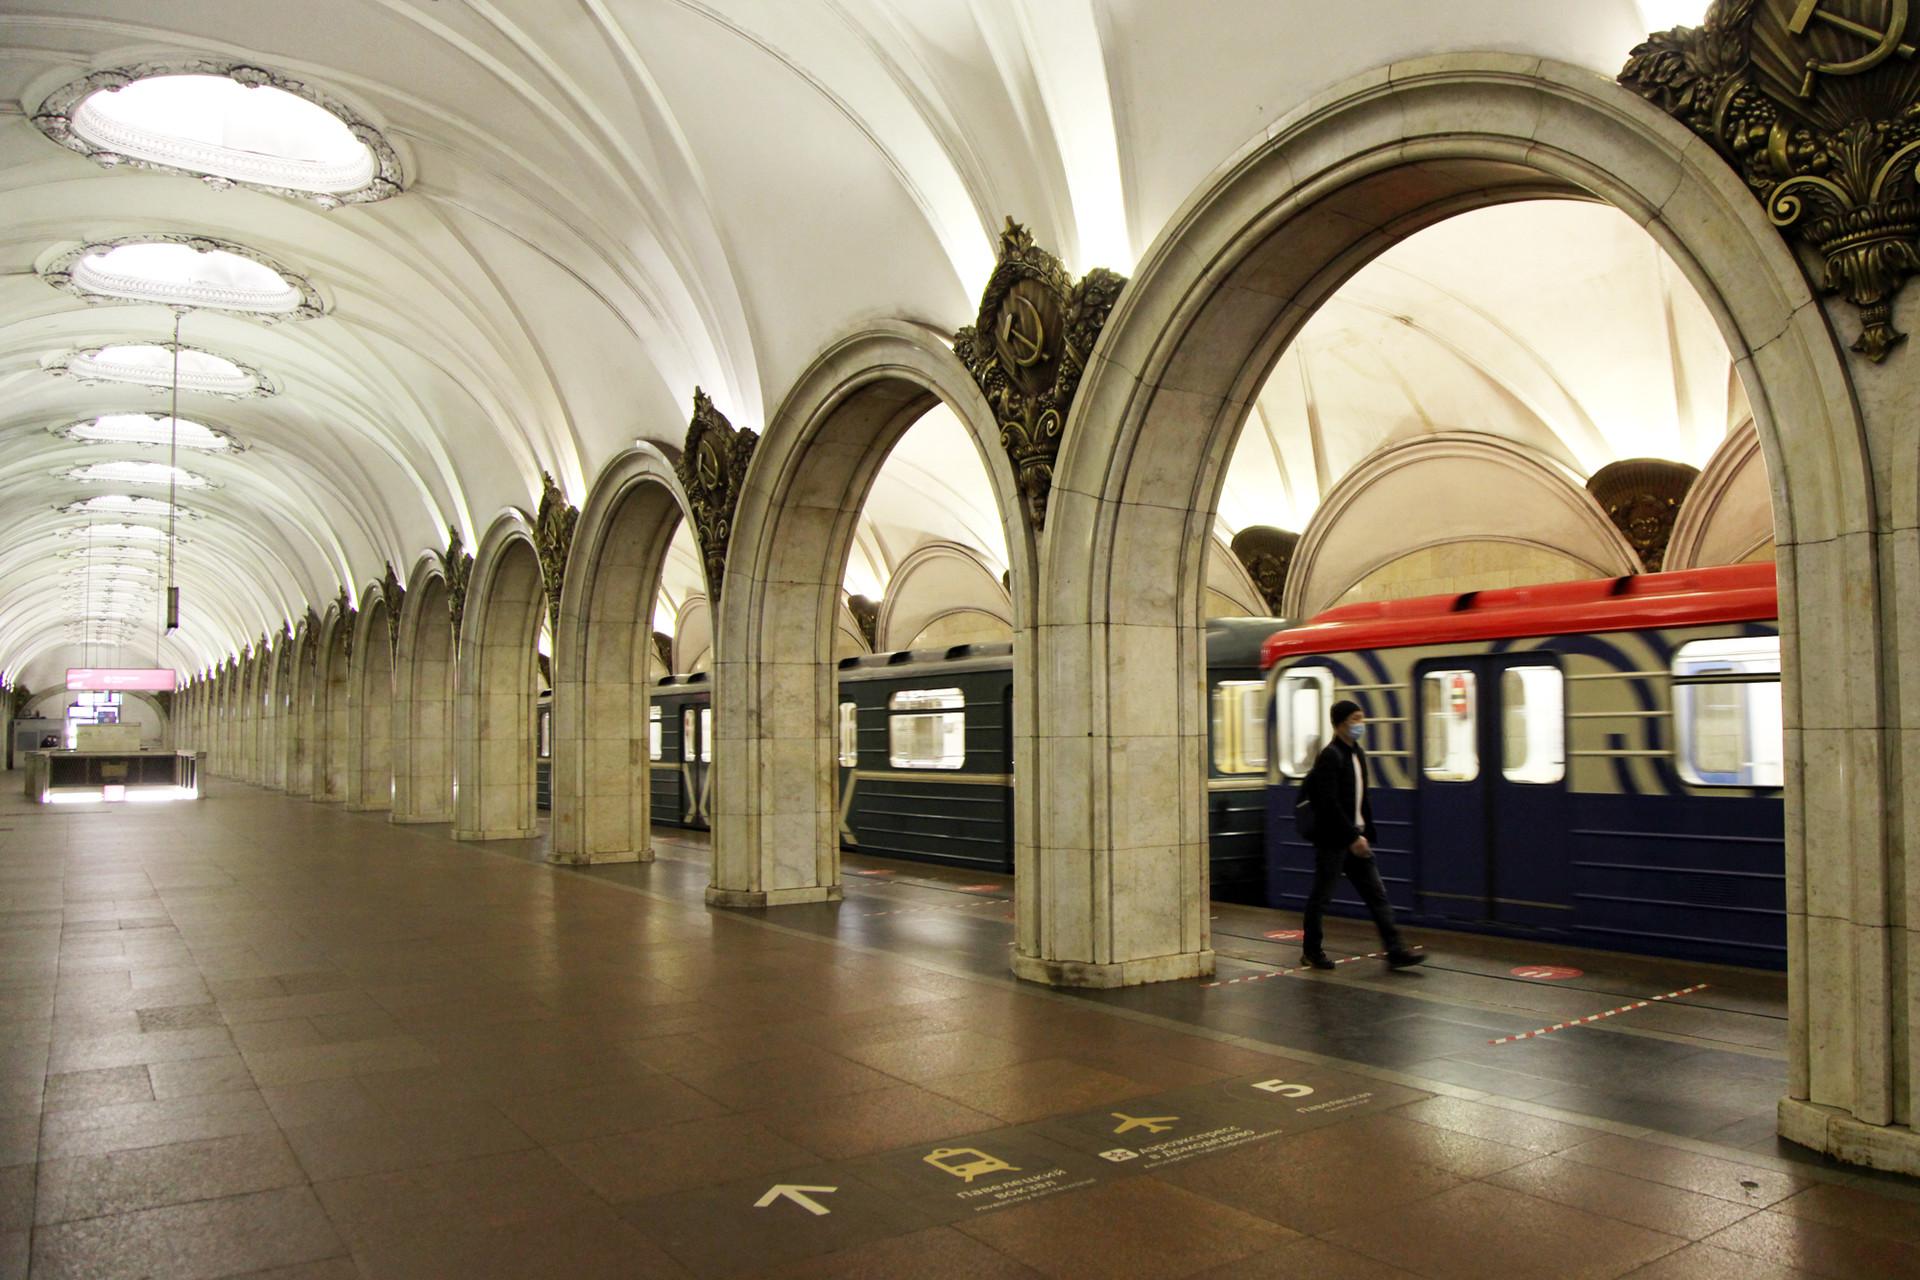 Suasana Stasiun Metro (kereta bawah tanah) Paveletskaya yang sepi penumpang.